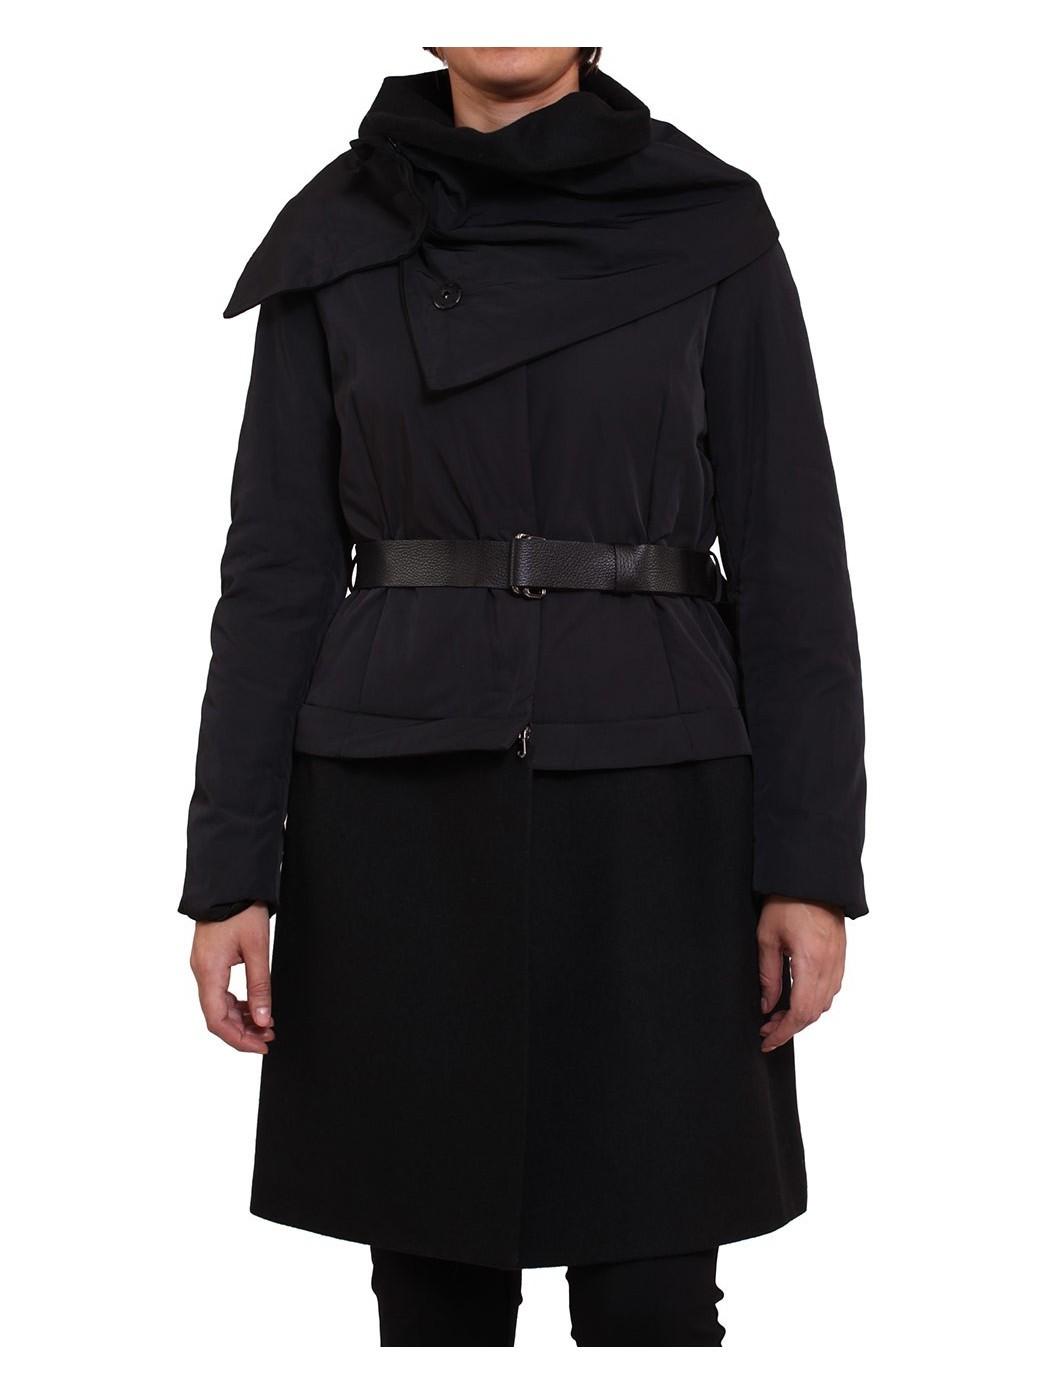 Scalo 12 coat